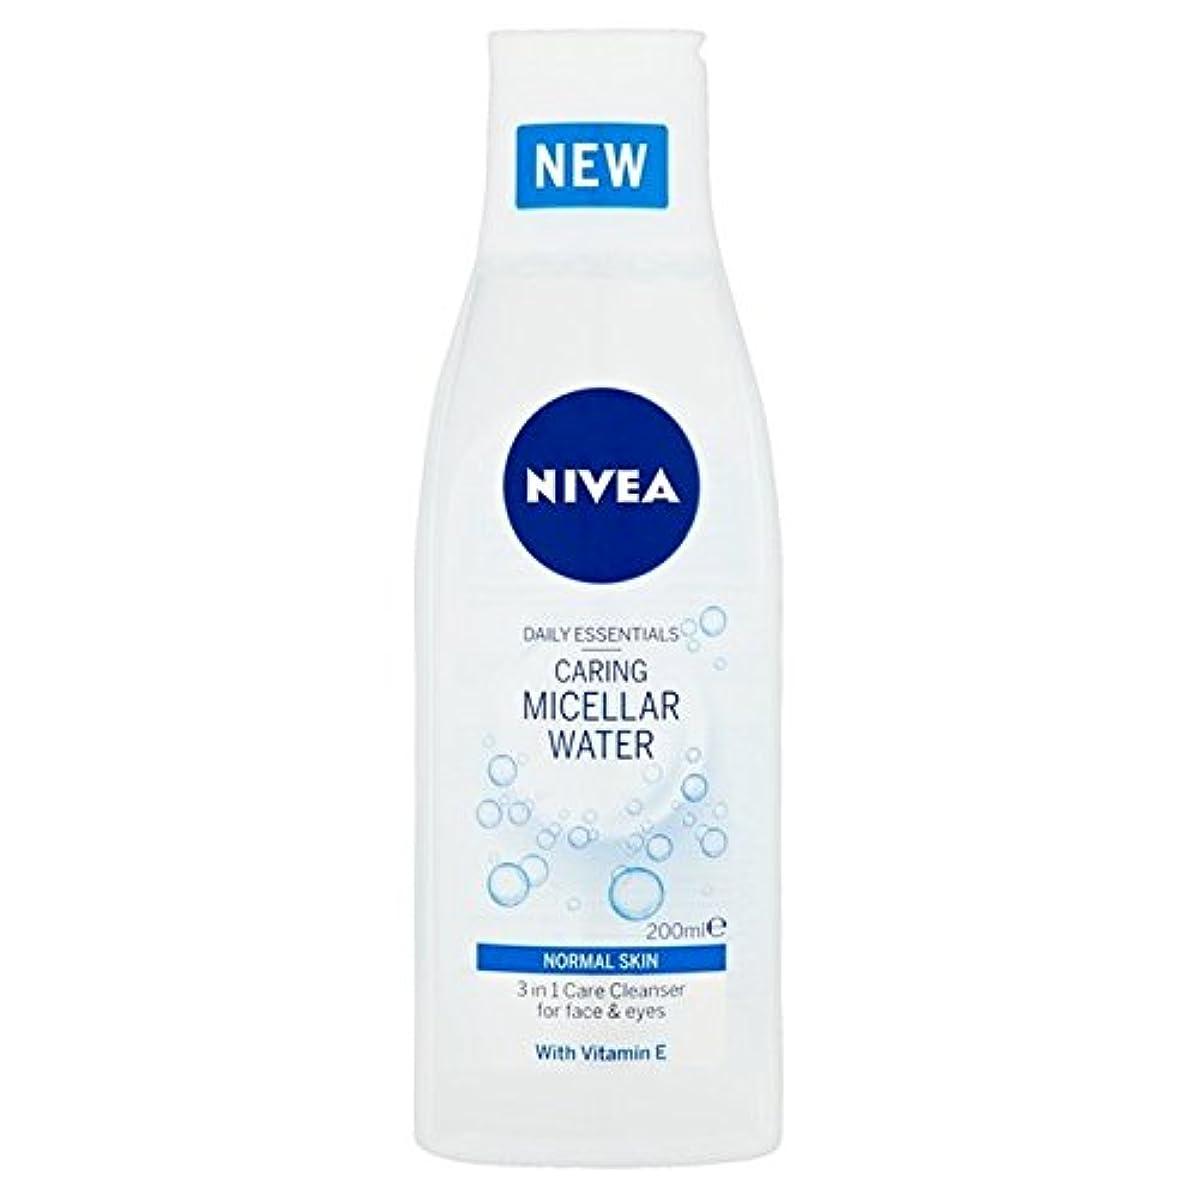 パワーショット前件1つの敏感な思いやりのあるミセル水の正常な皮膚の200ミリリットルでニベア3 x2 - Nivea 3 in 1 Sensitive Caring Micellar Water Normal Skin 200ml (Pack...